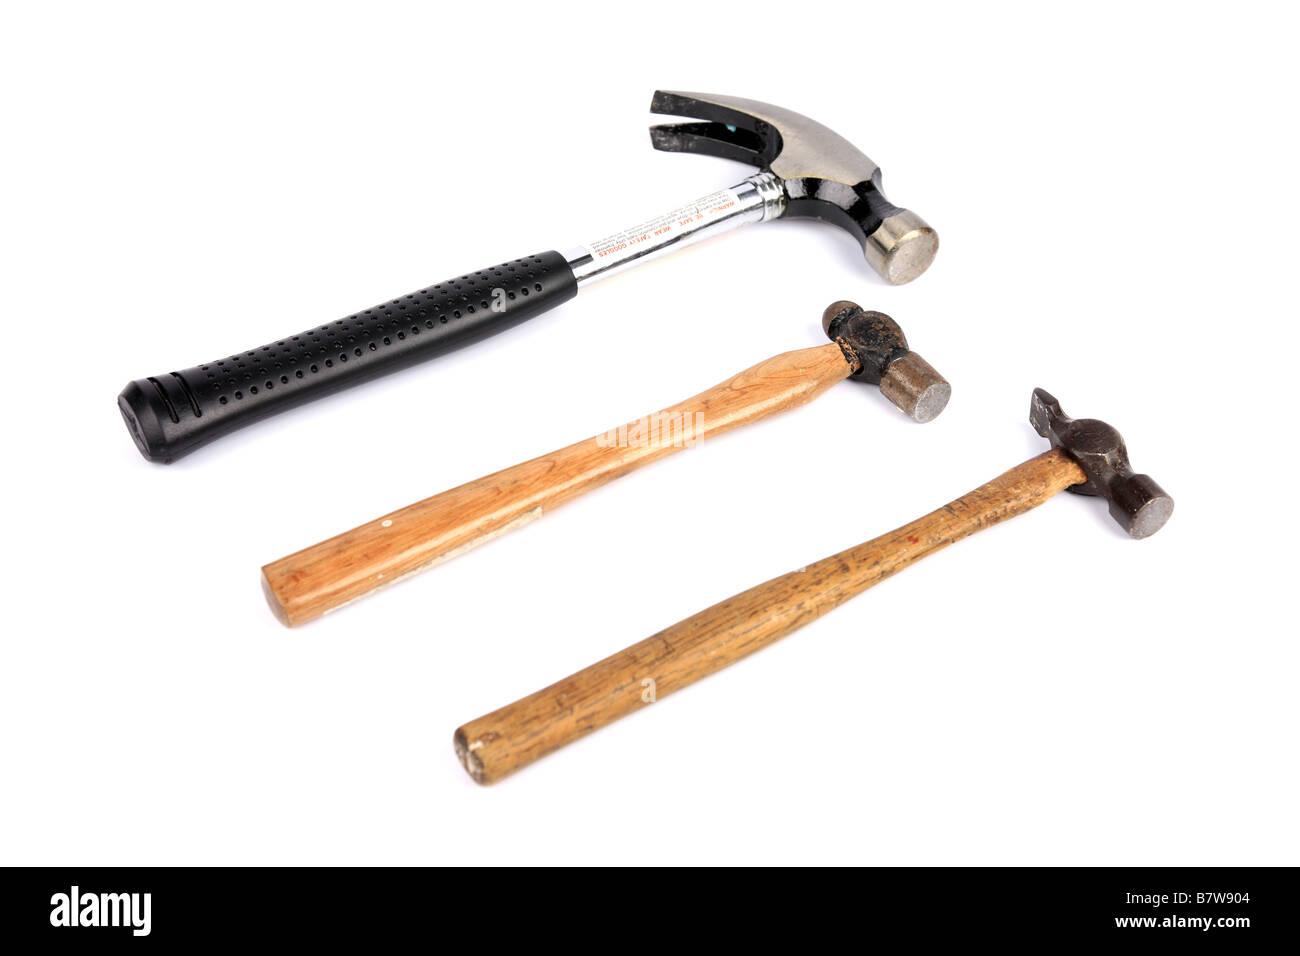 Tres tipos diferentes de un martillo sobre un fondo blanco. Imagen De Stock